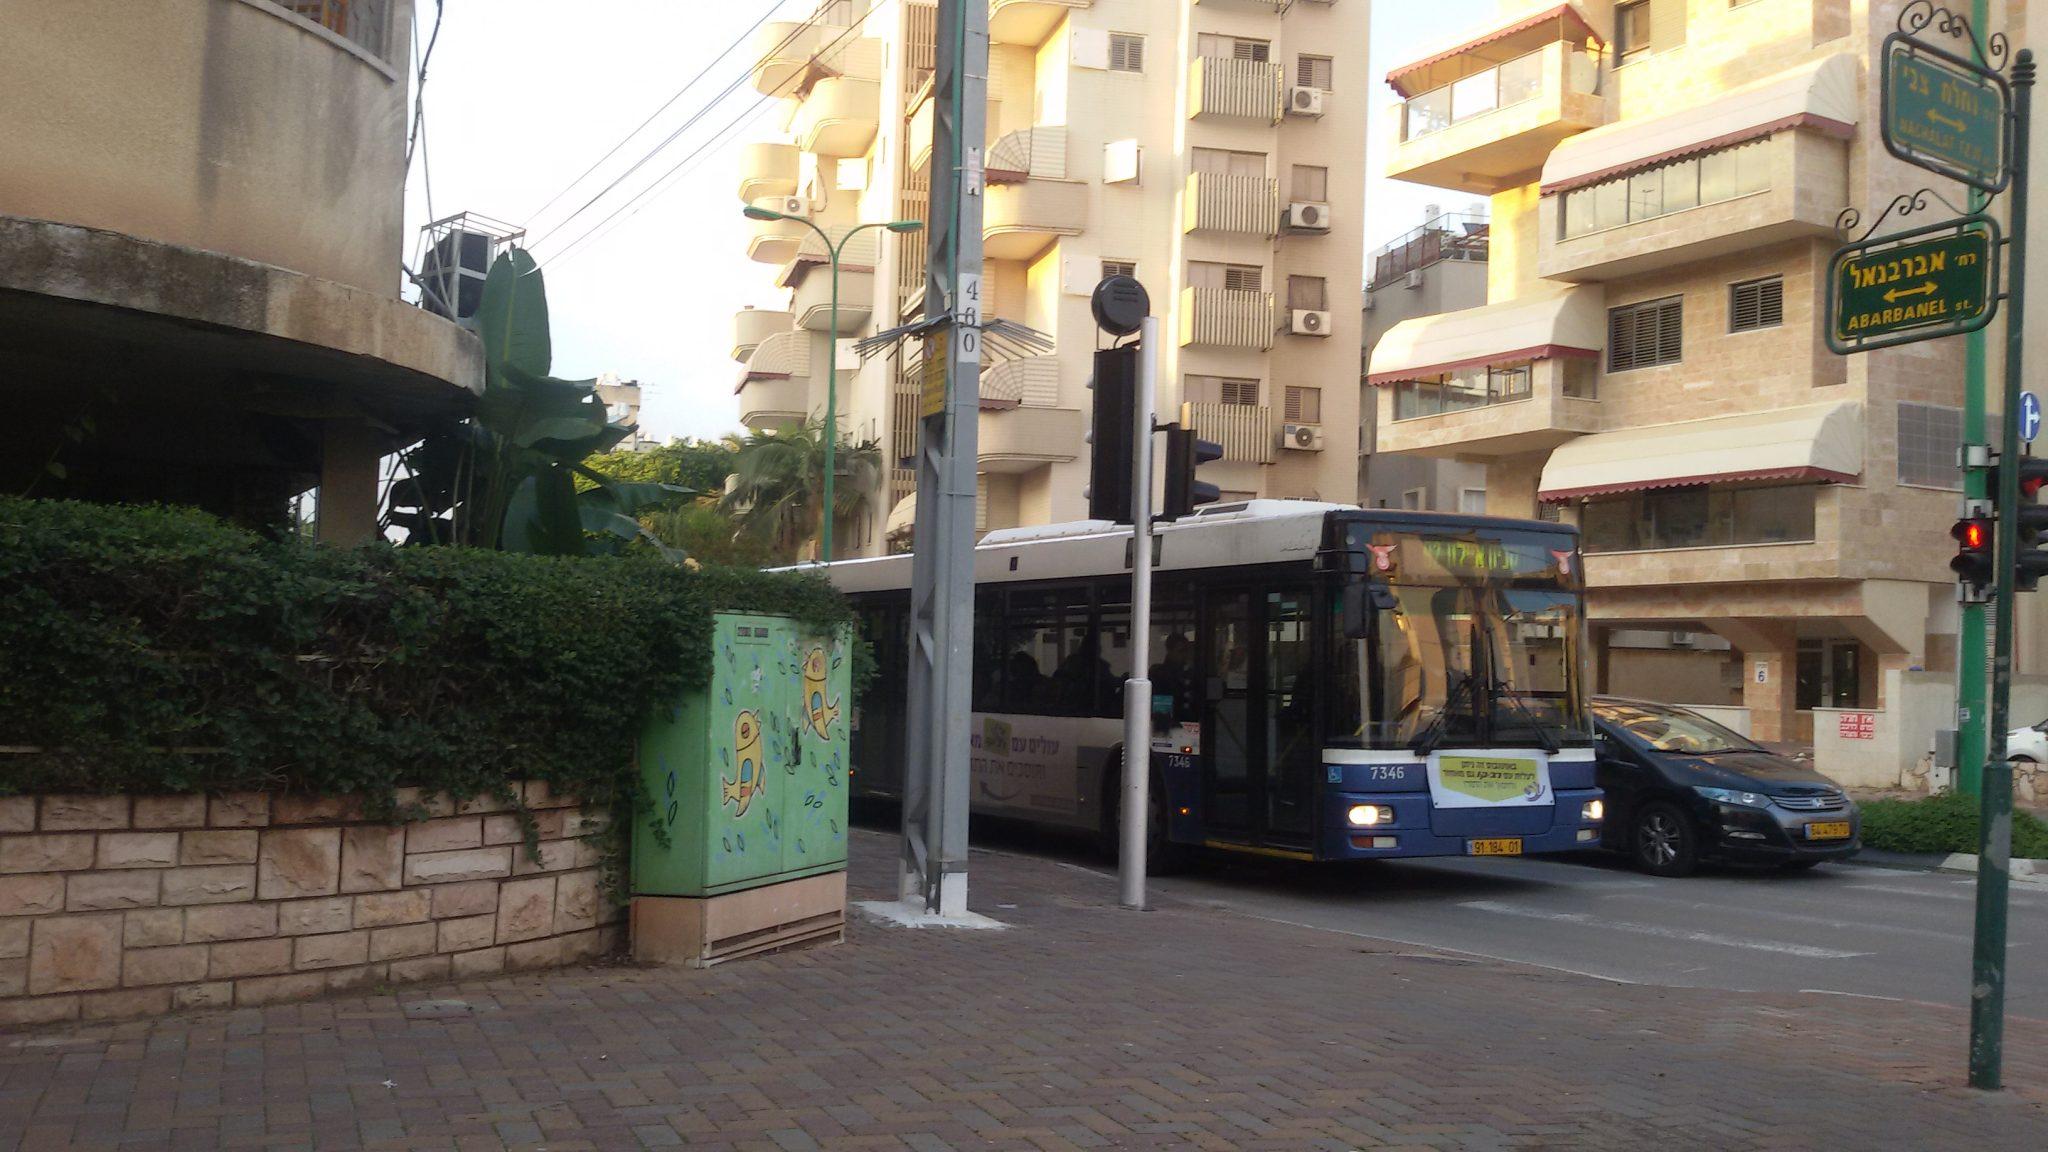 יותר קווים: התחבורה הציבורית בפתח תקווה משתדרגת